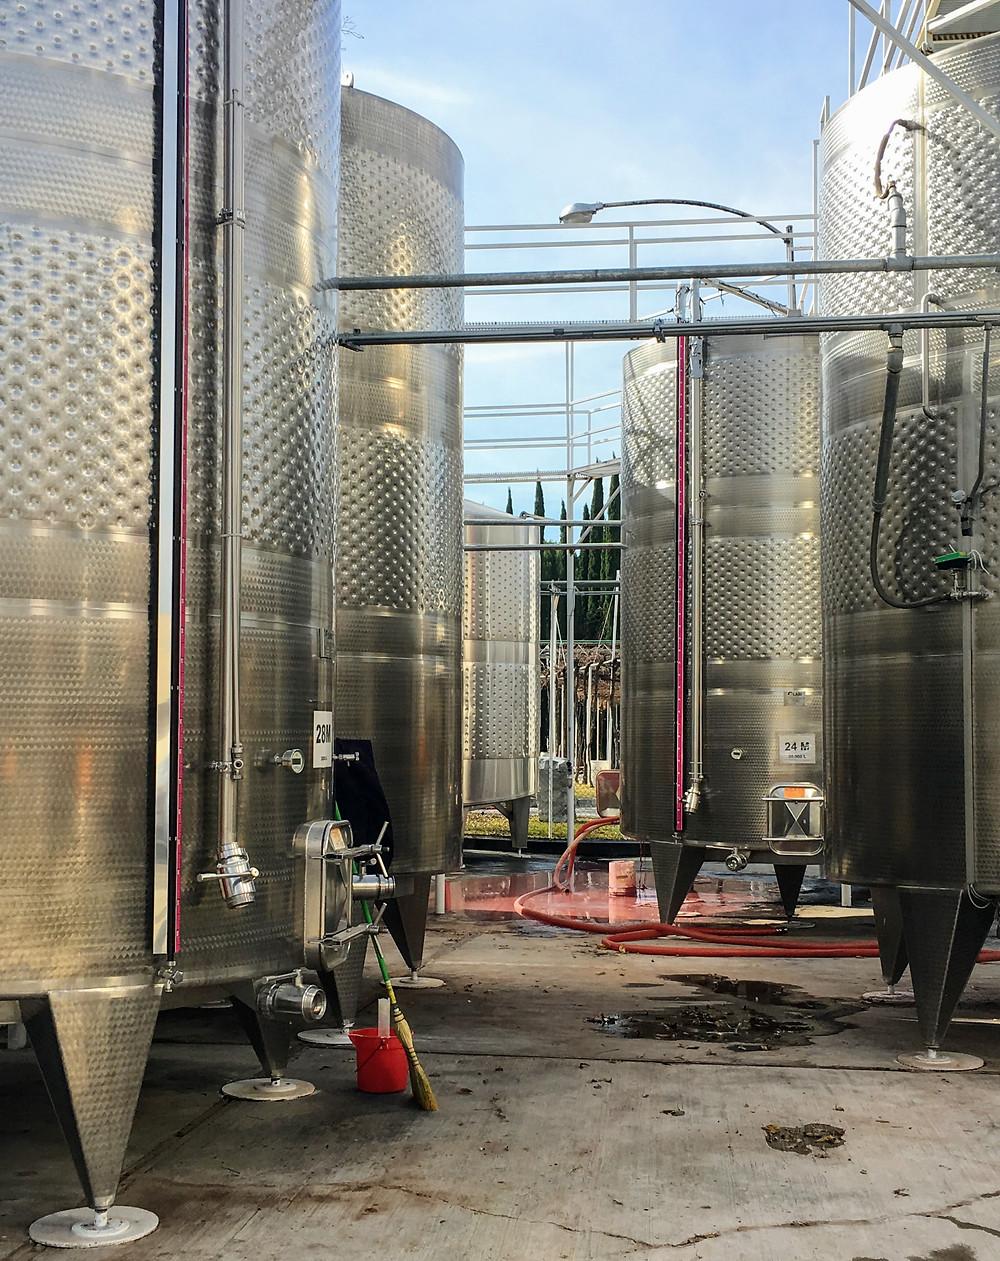 Casa Madero, vats at the winery, Coahuila, Mexico